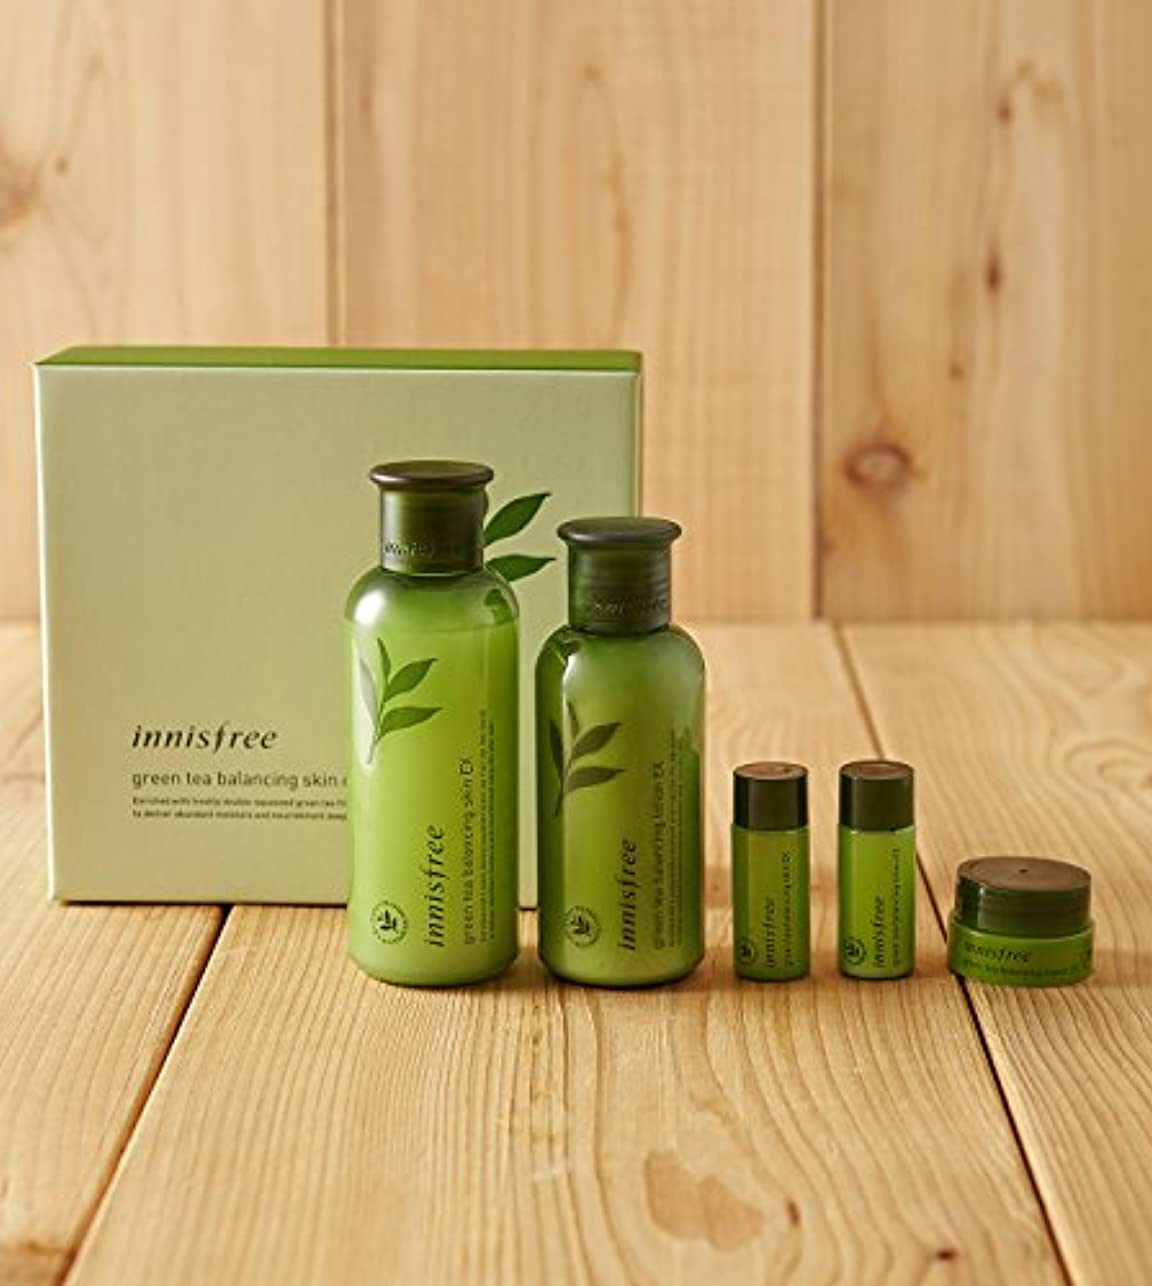 ひまわり口径配分innisfree green tea balancing skin care set ex/イニスフリーグリーンティーバランシングスキンケアセットex